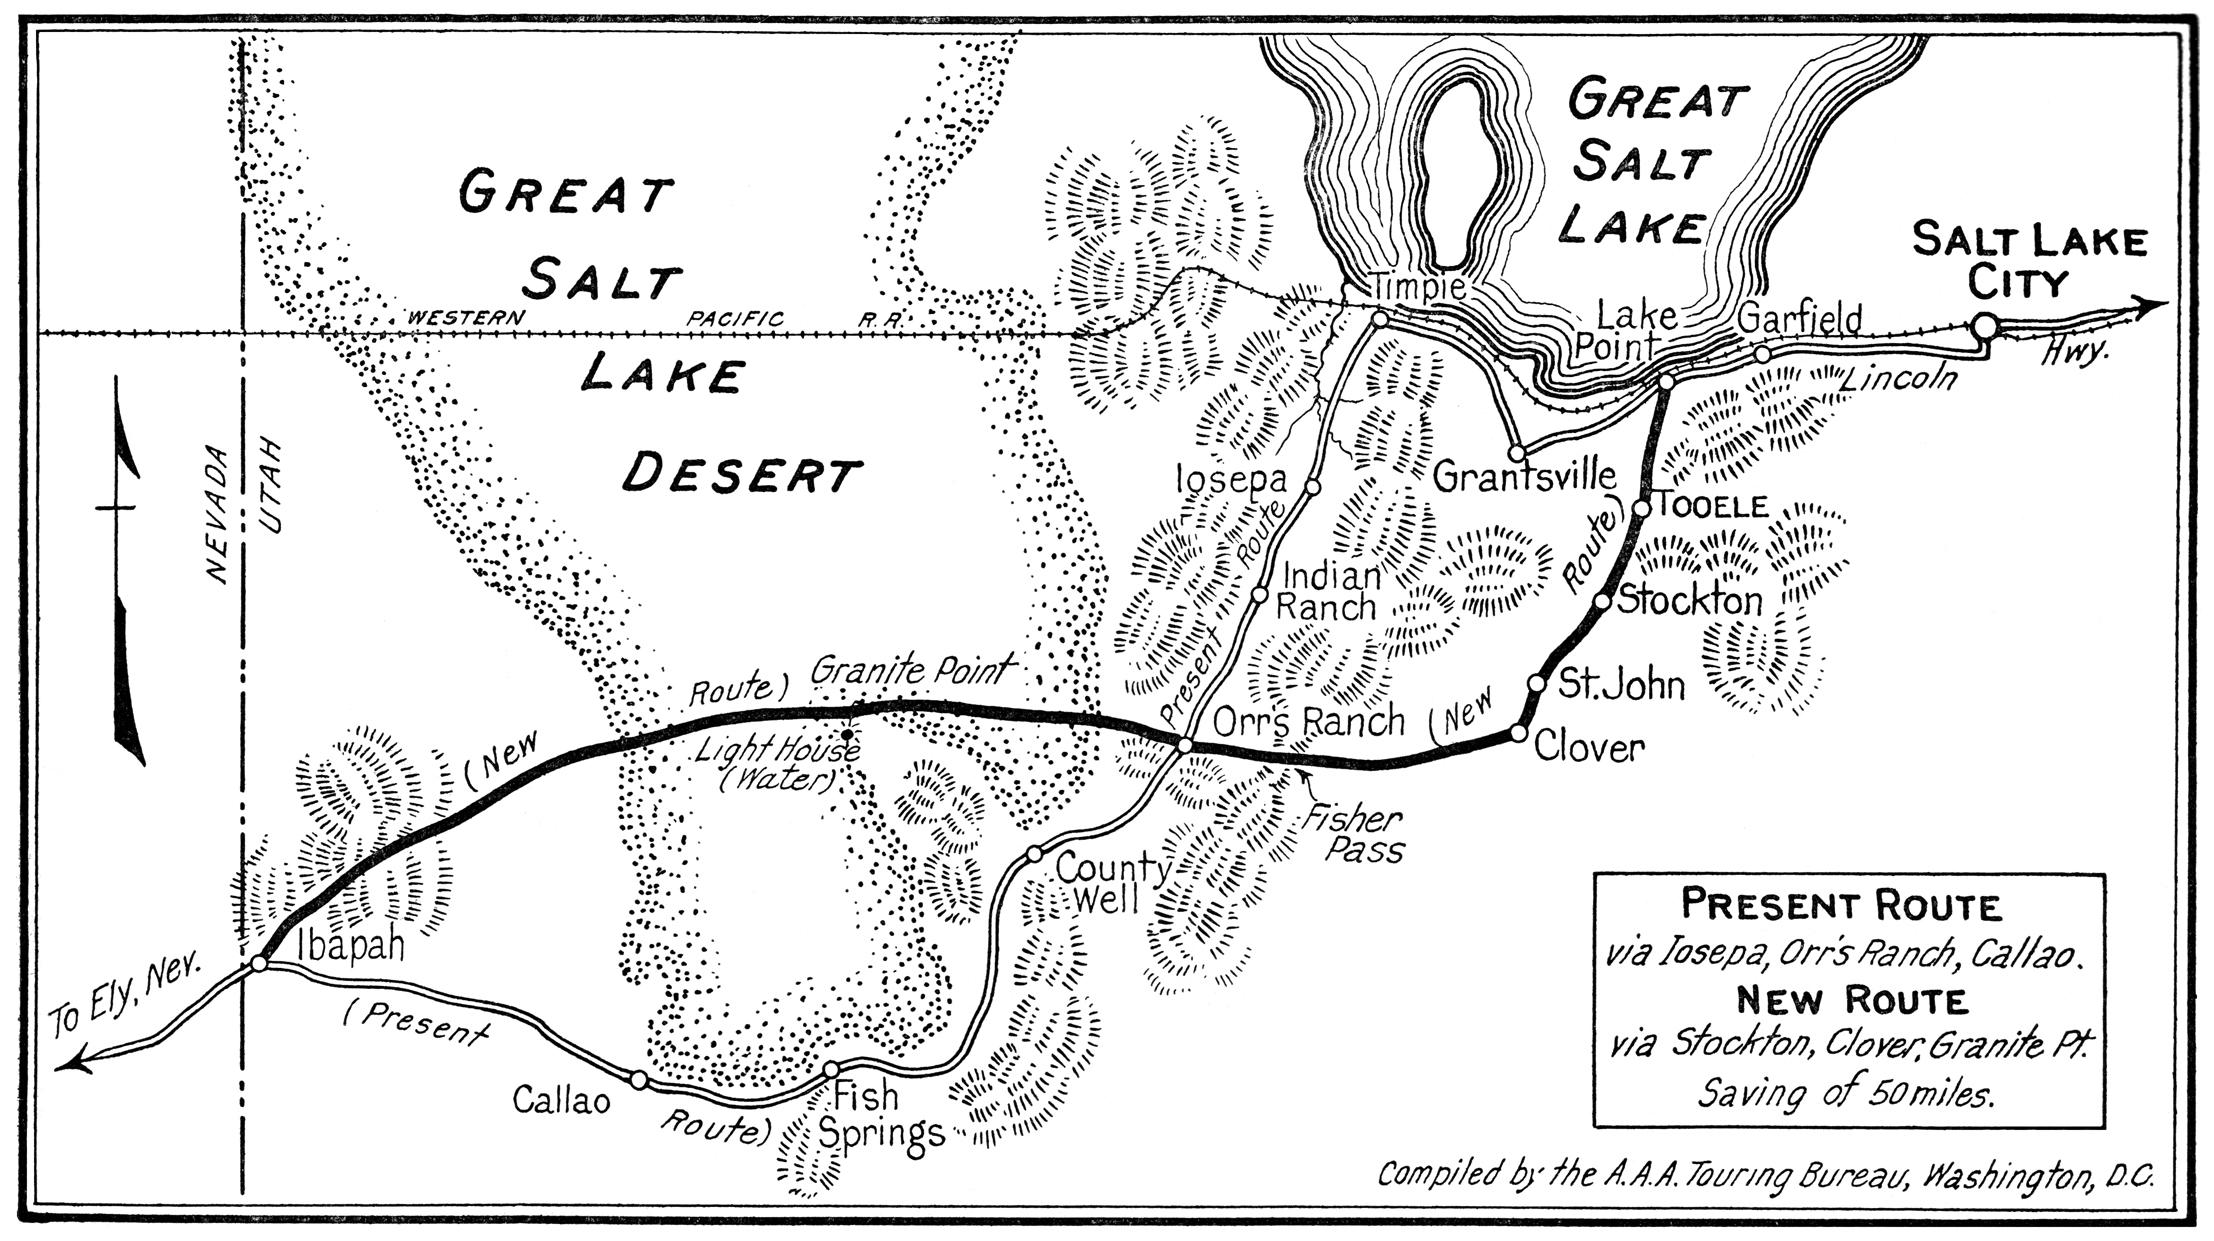 a salt map